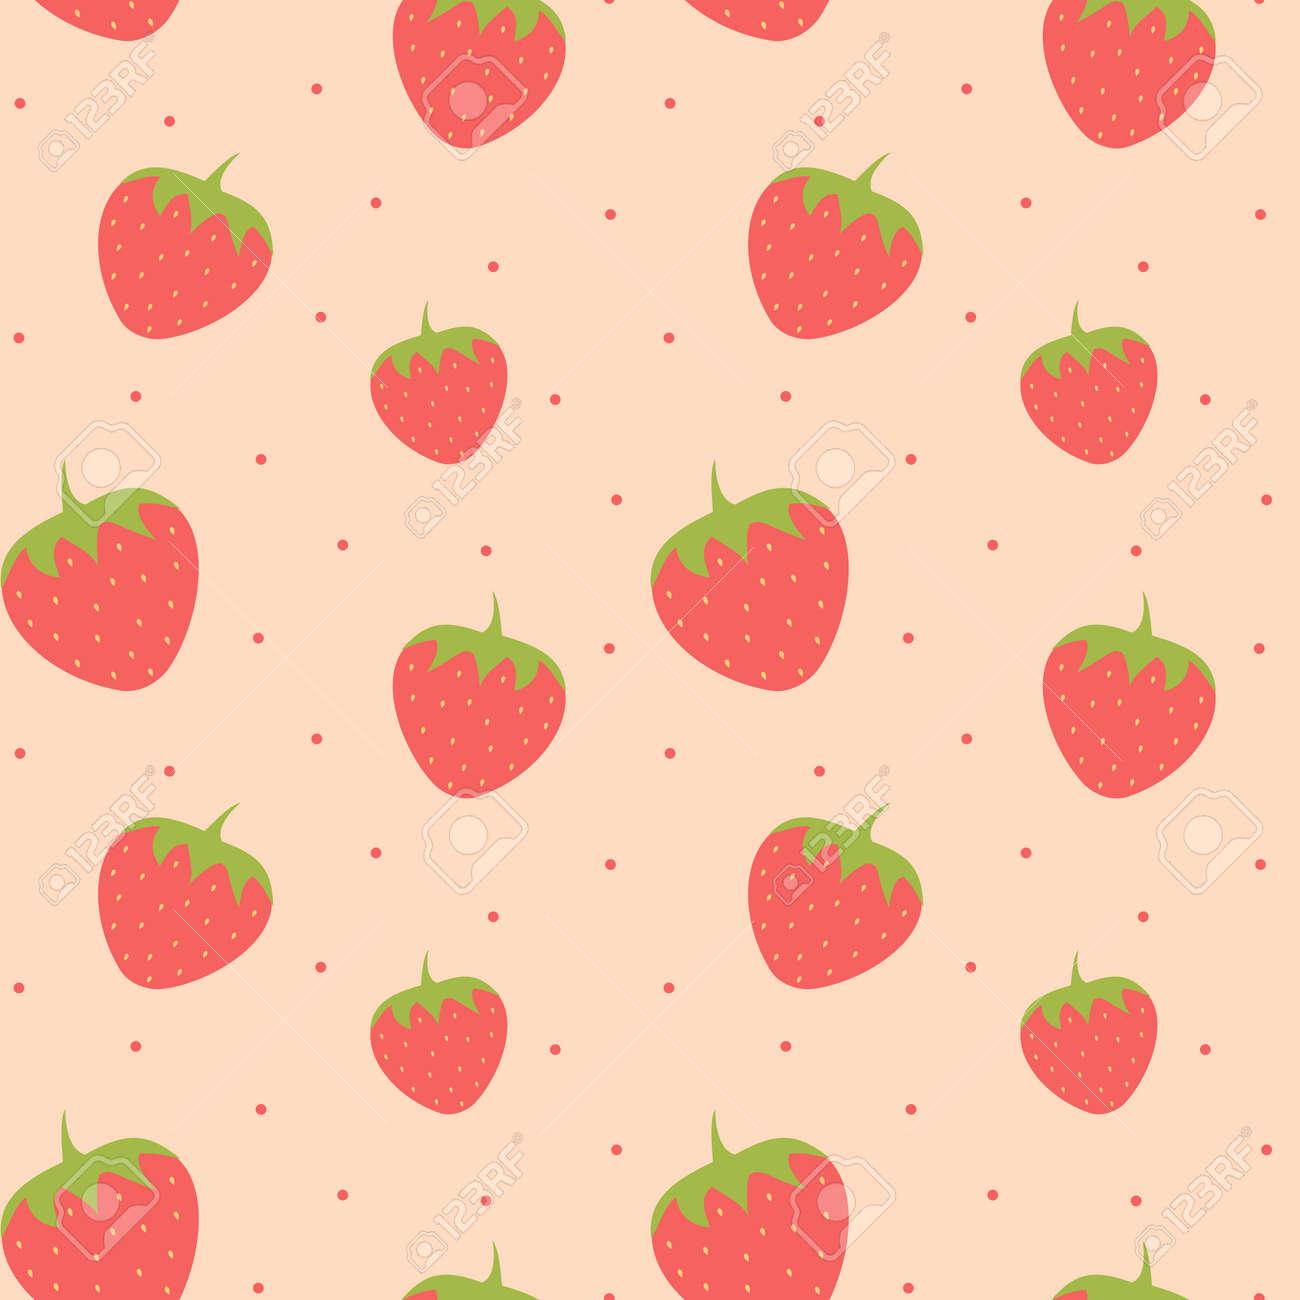 かわいい素敵なイチゴのシームレスなパターン背景イラストのイラスト素材 ベクタ Image